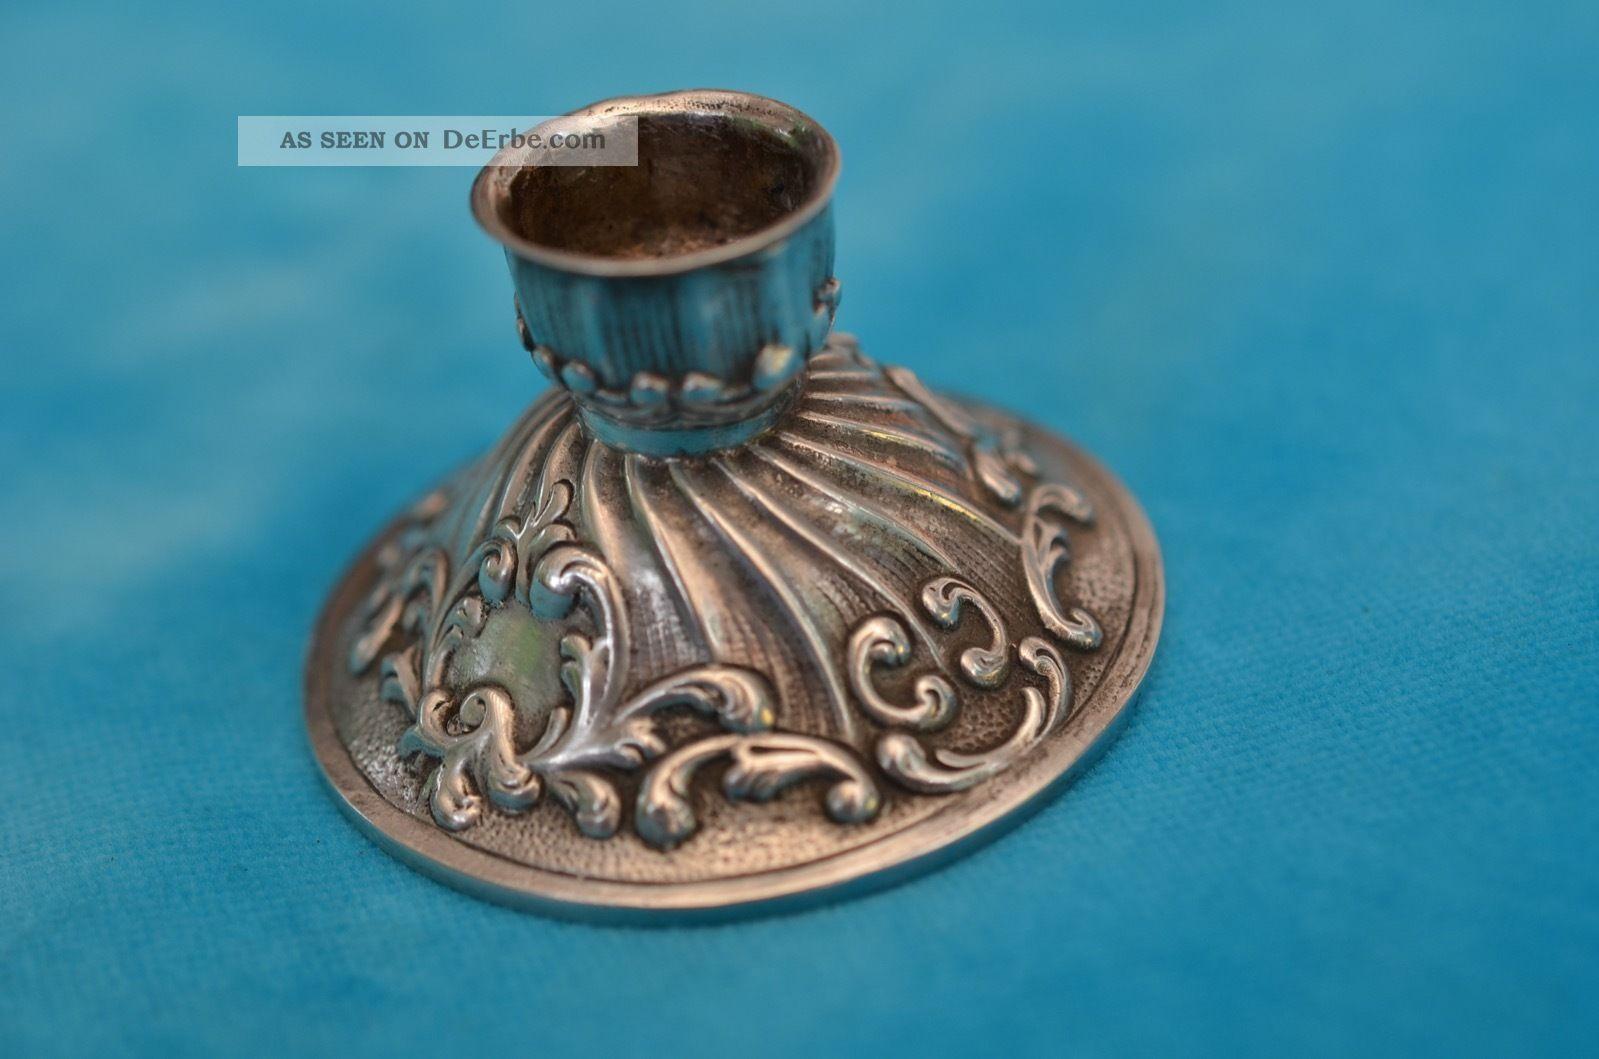 Alter Kerzenleuchter Silber 800 Um 1900 - 1920 Objekte vor 1945 Bild